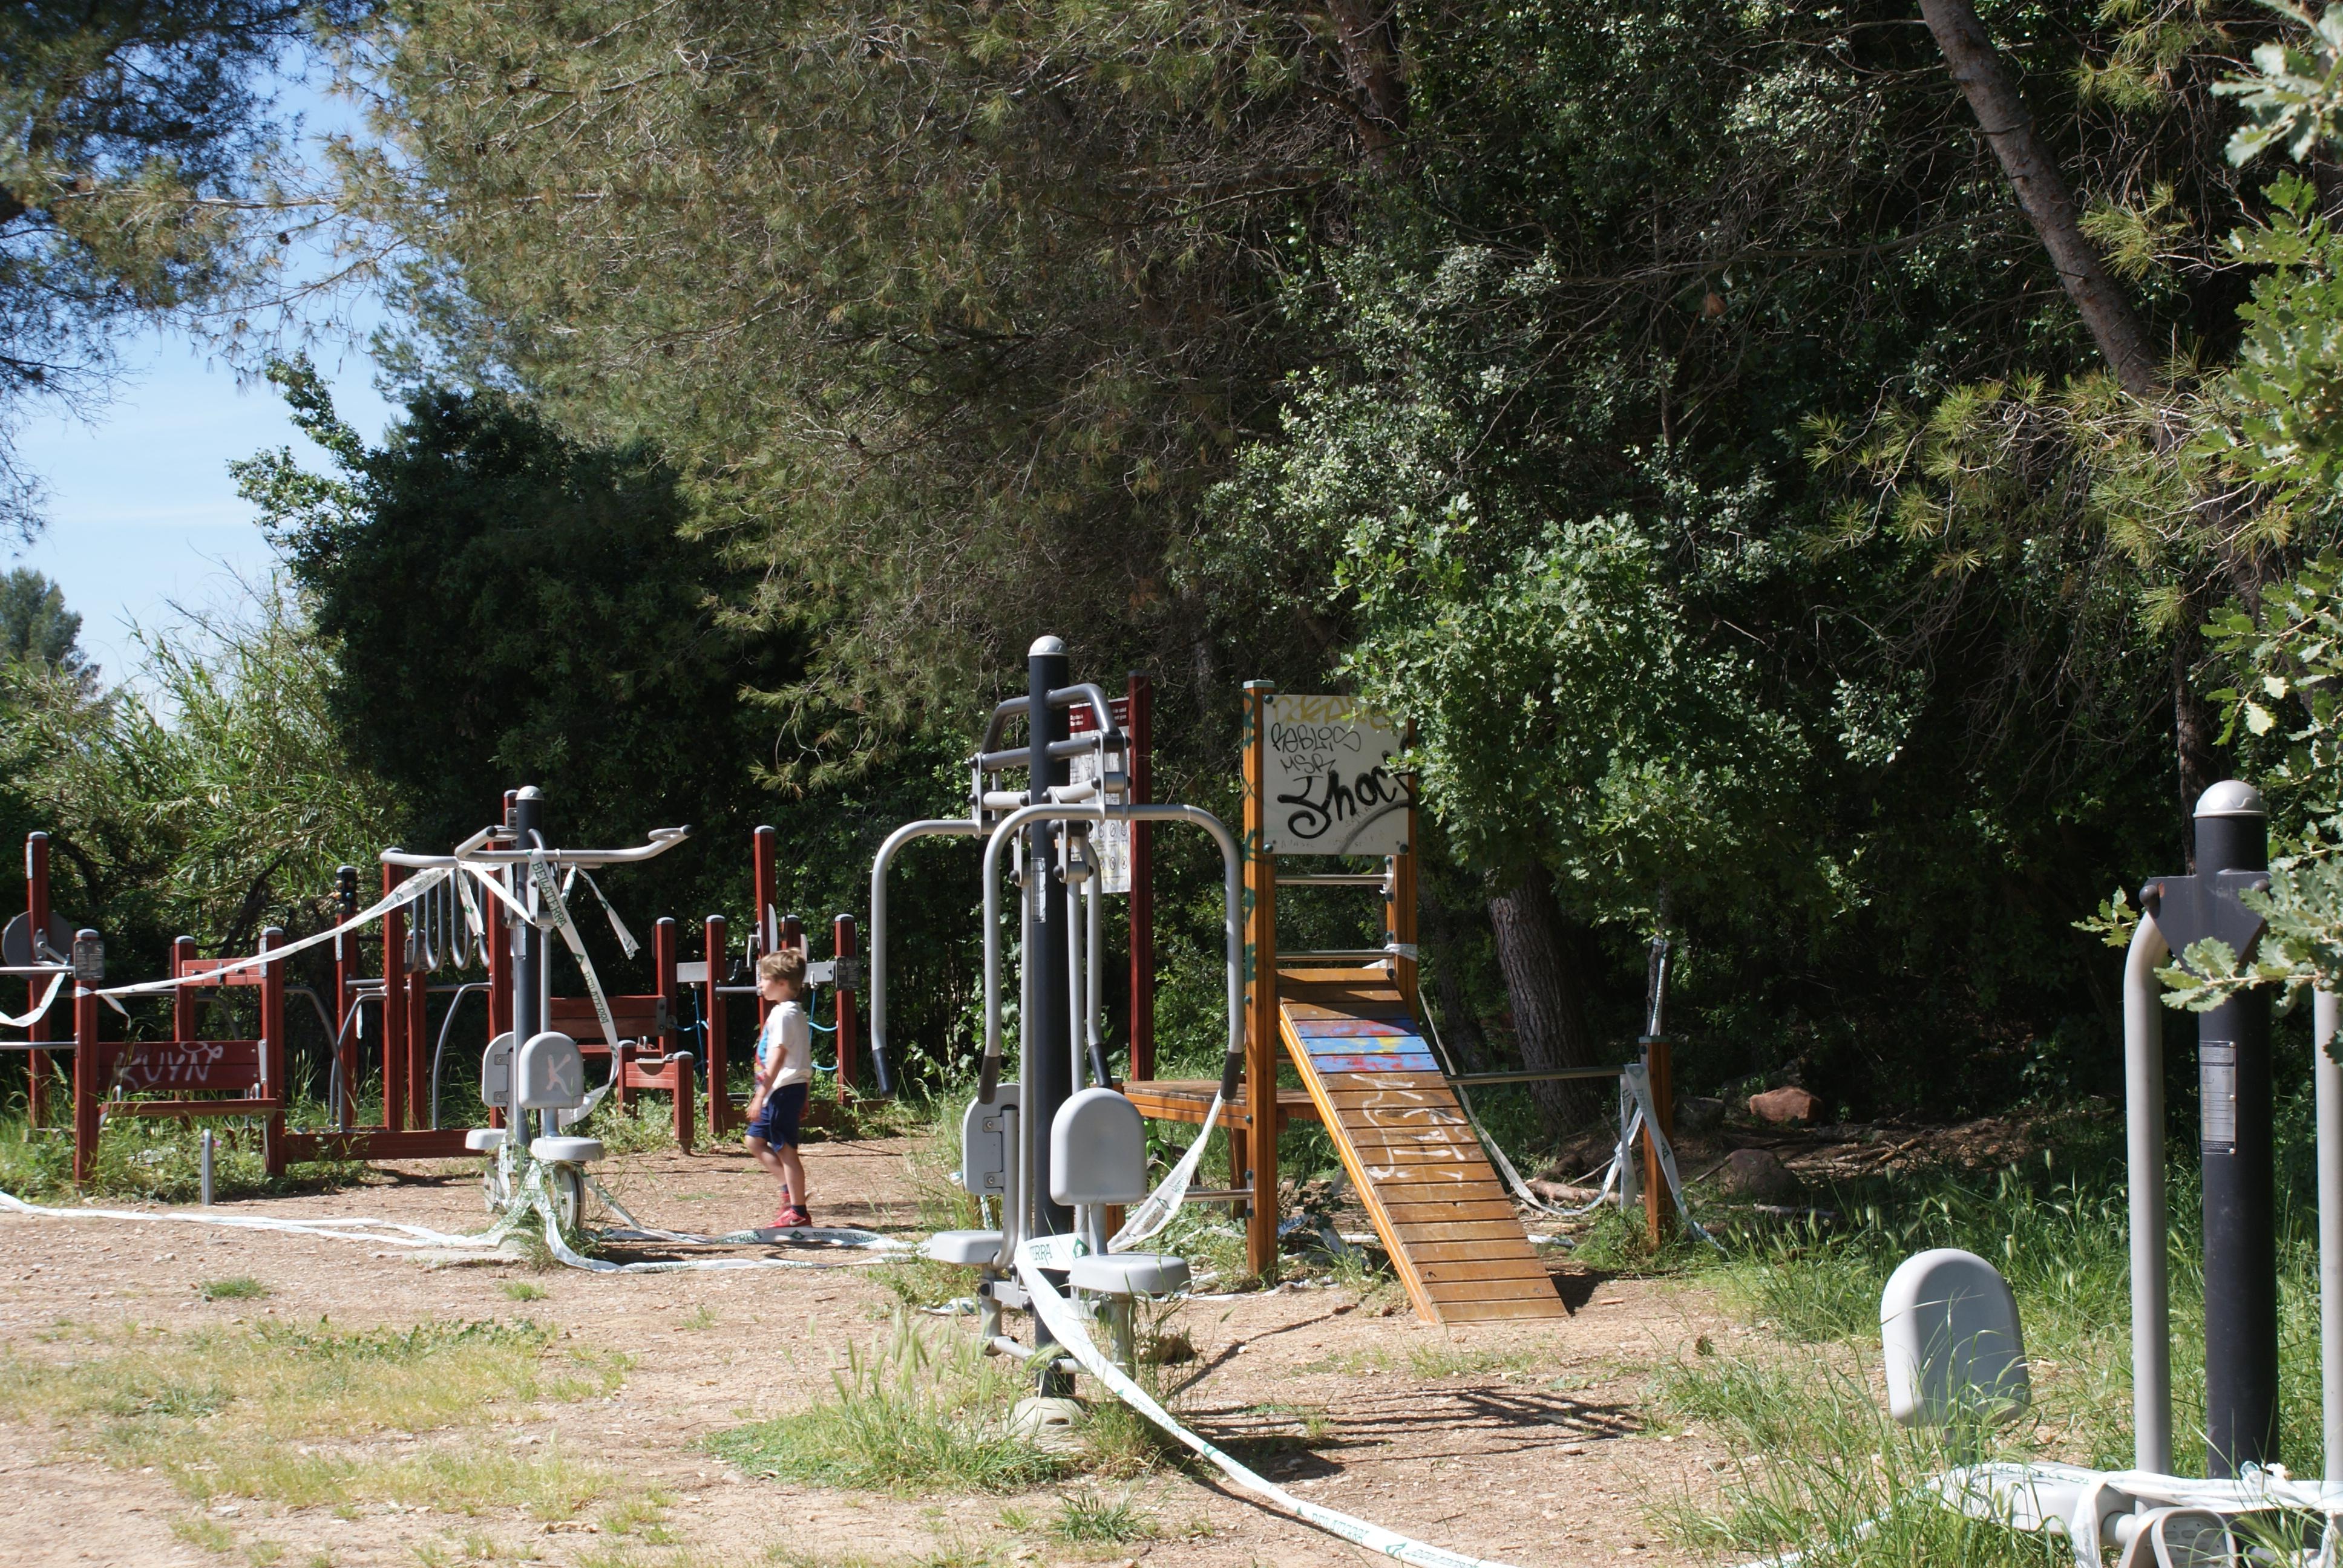 Els parc infantils han estat precintats durant l'estat d'alarma | Toni Alfaro